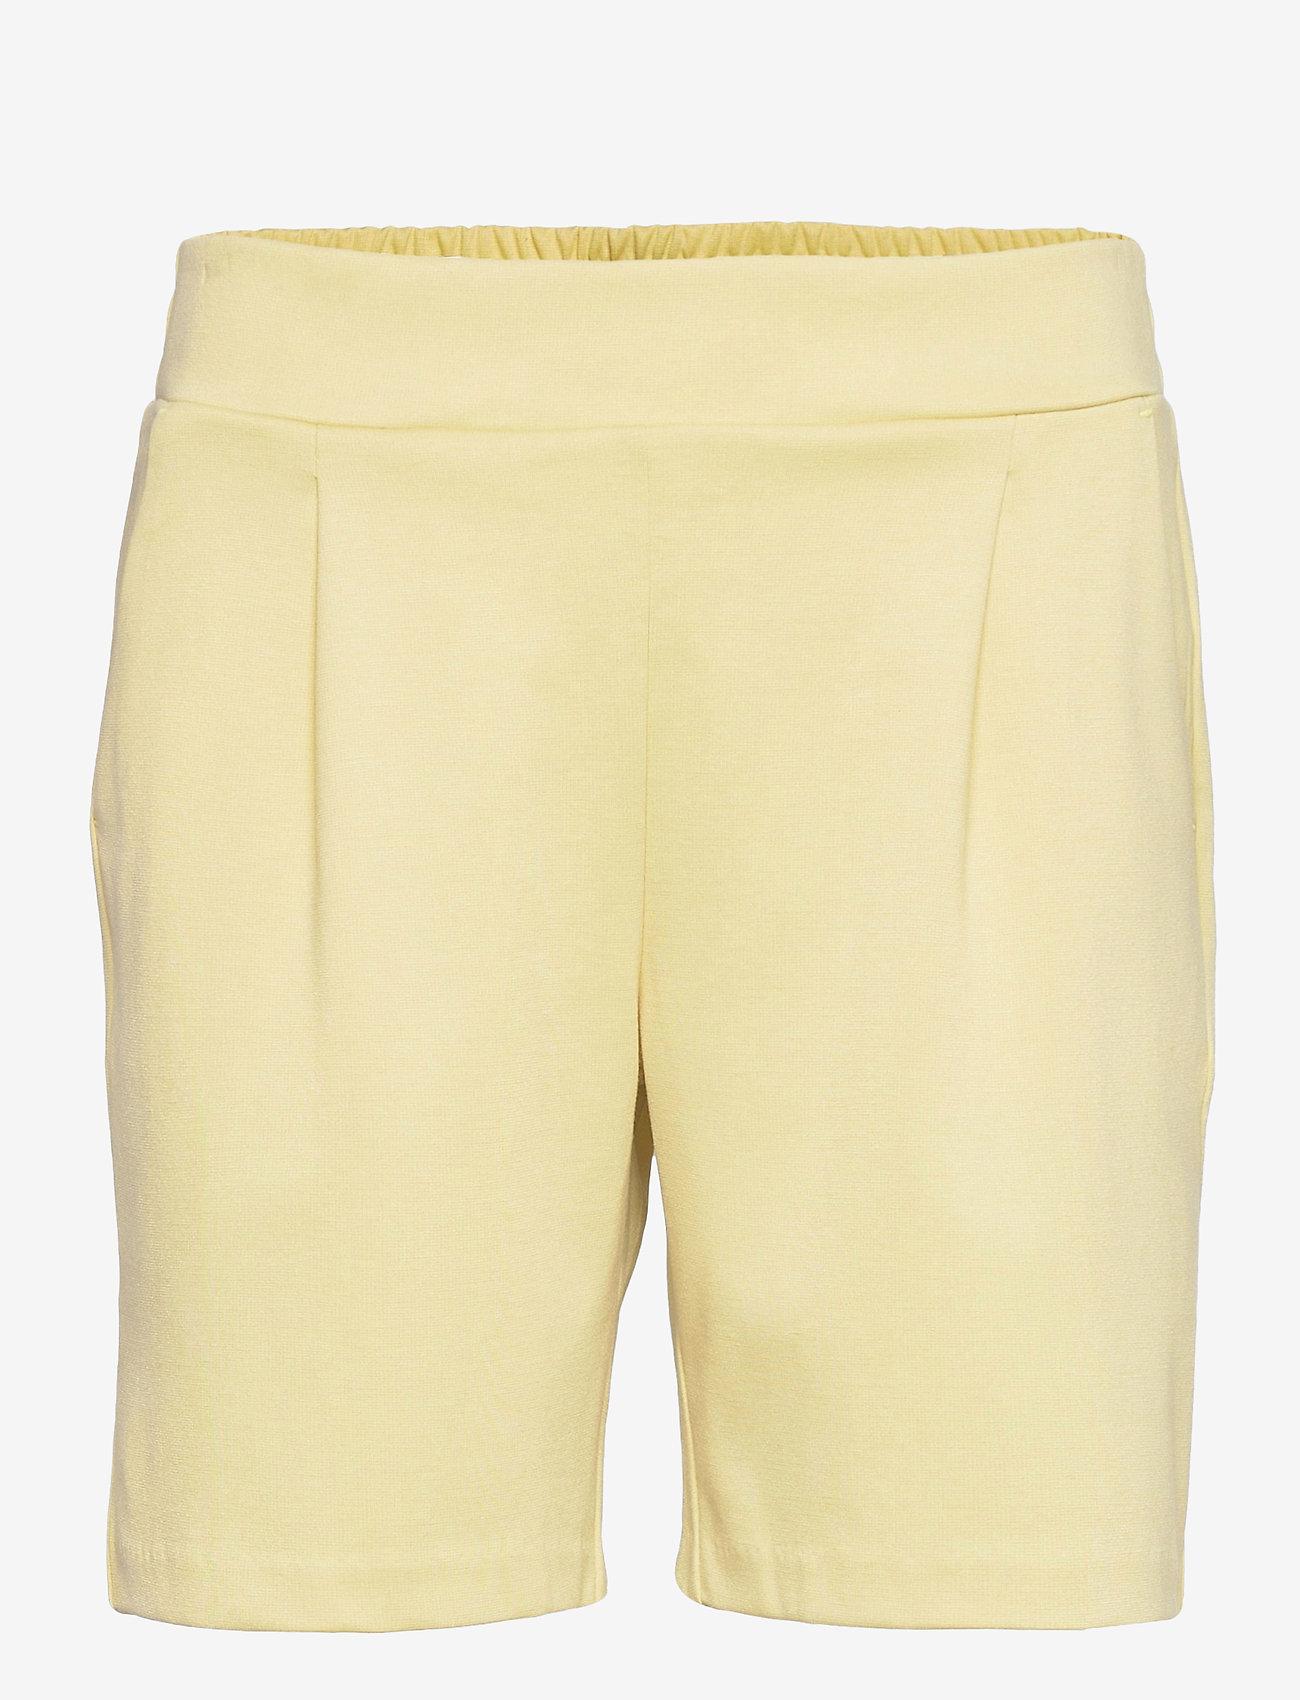 ICHI - IHKATE SHO3 - chino shorts - golden mist - 0